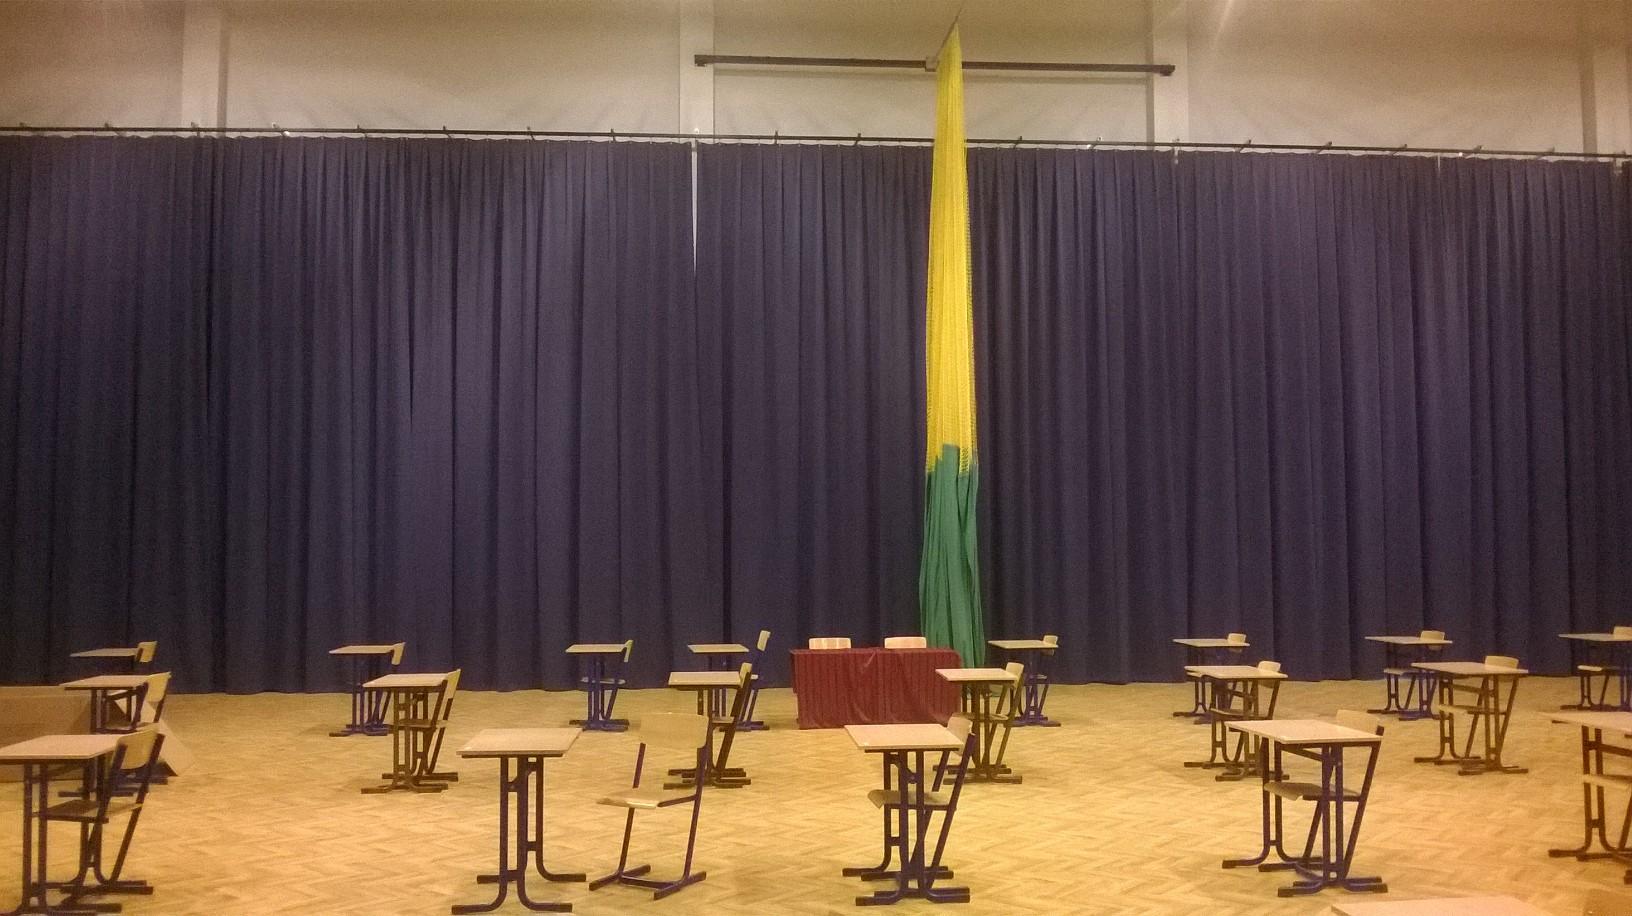 Sporthalle Gymnasium Karniewo - der Turnsaal wird zum Festsaal